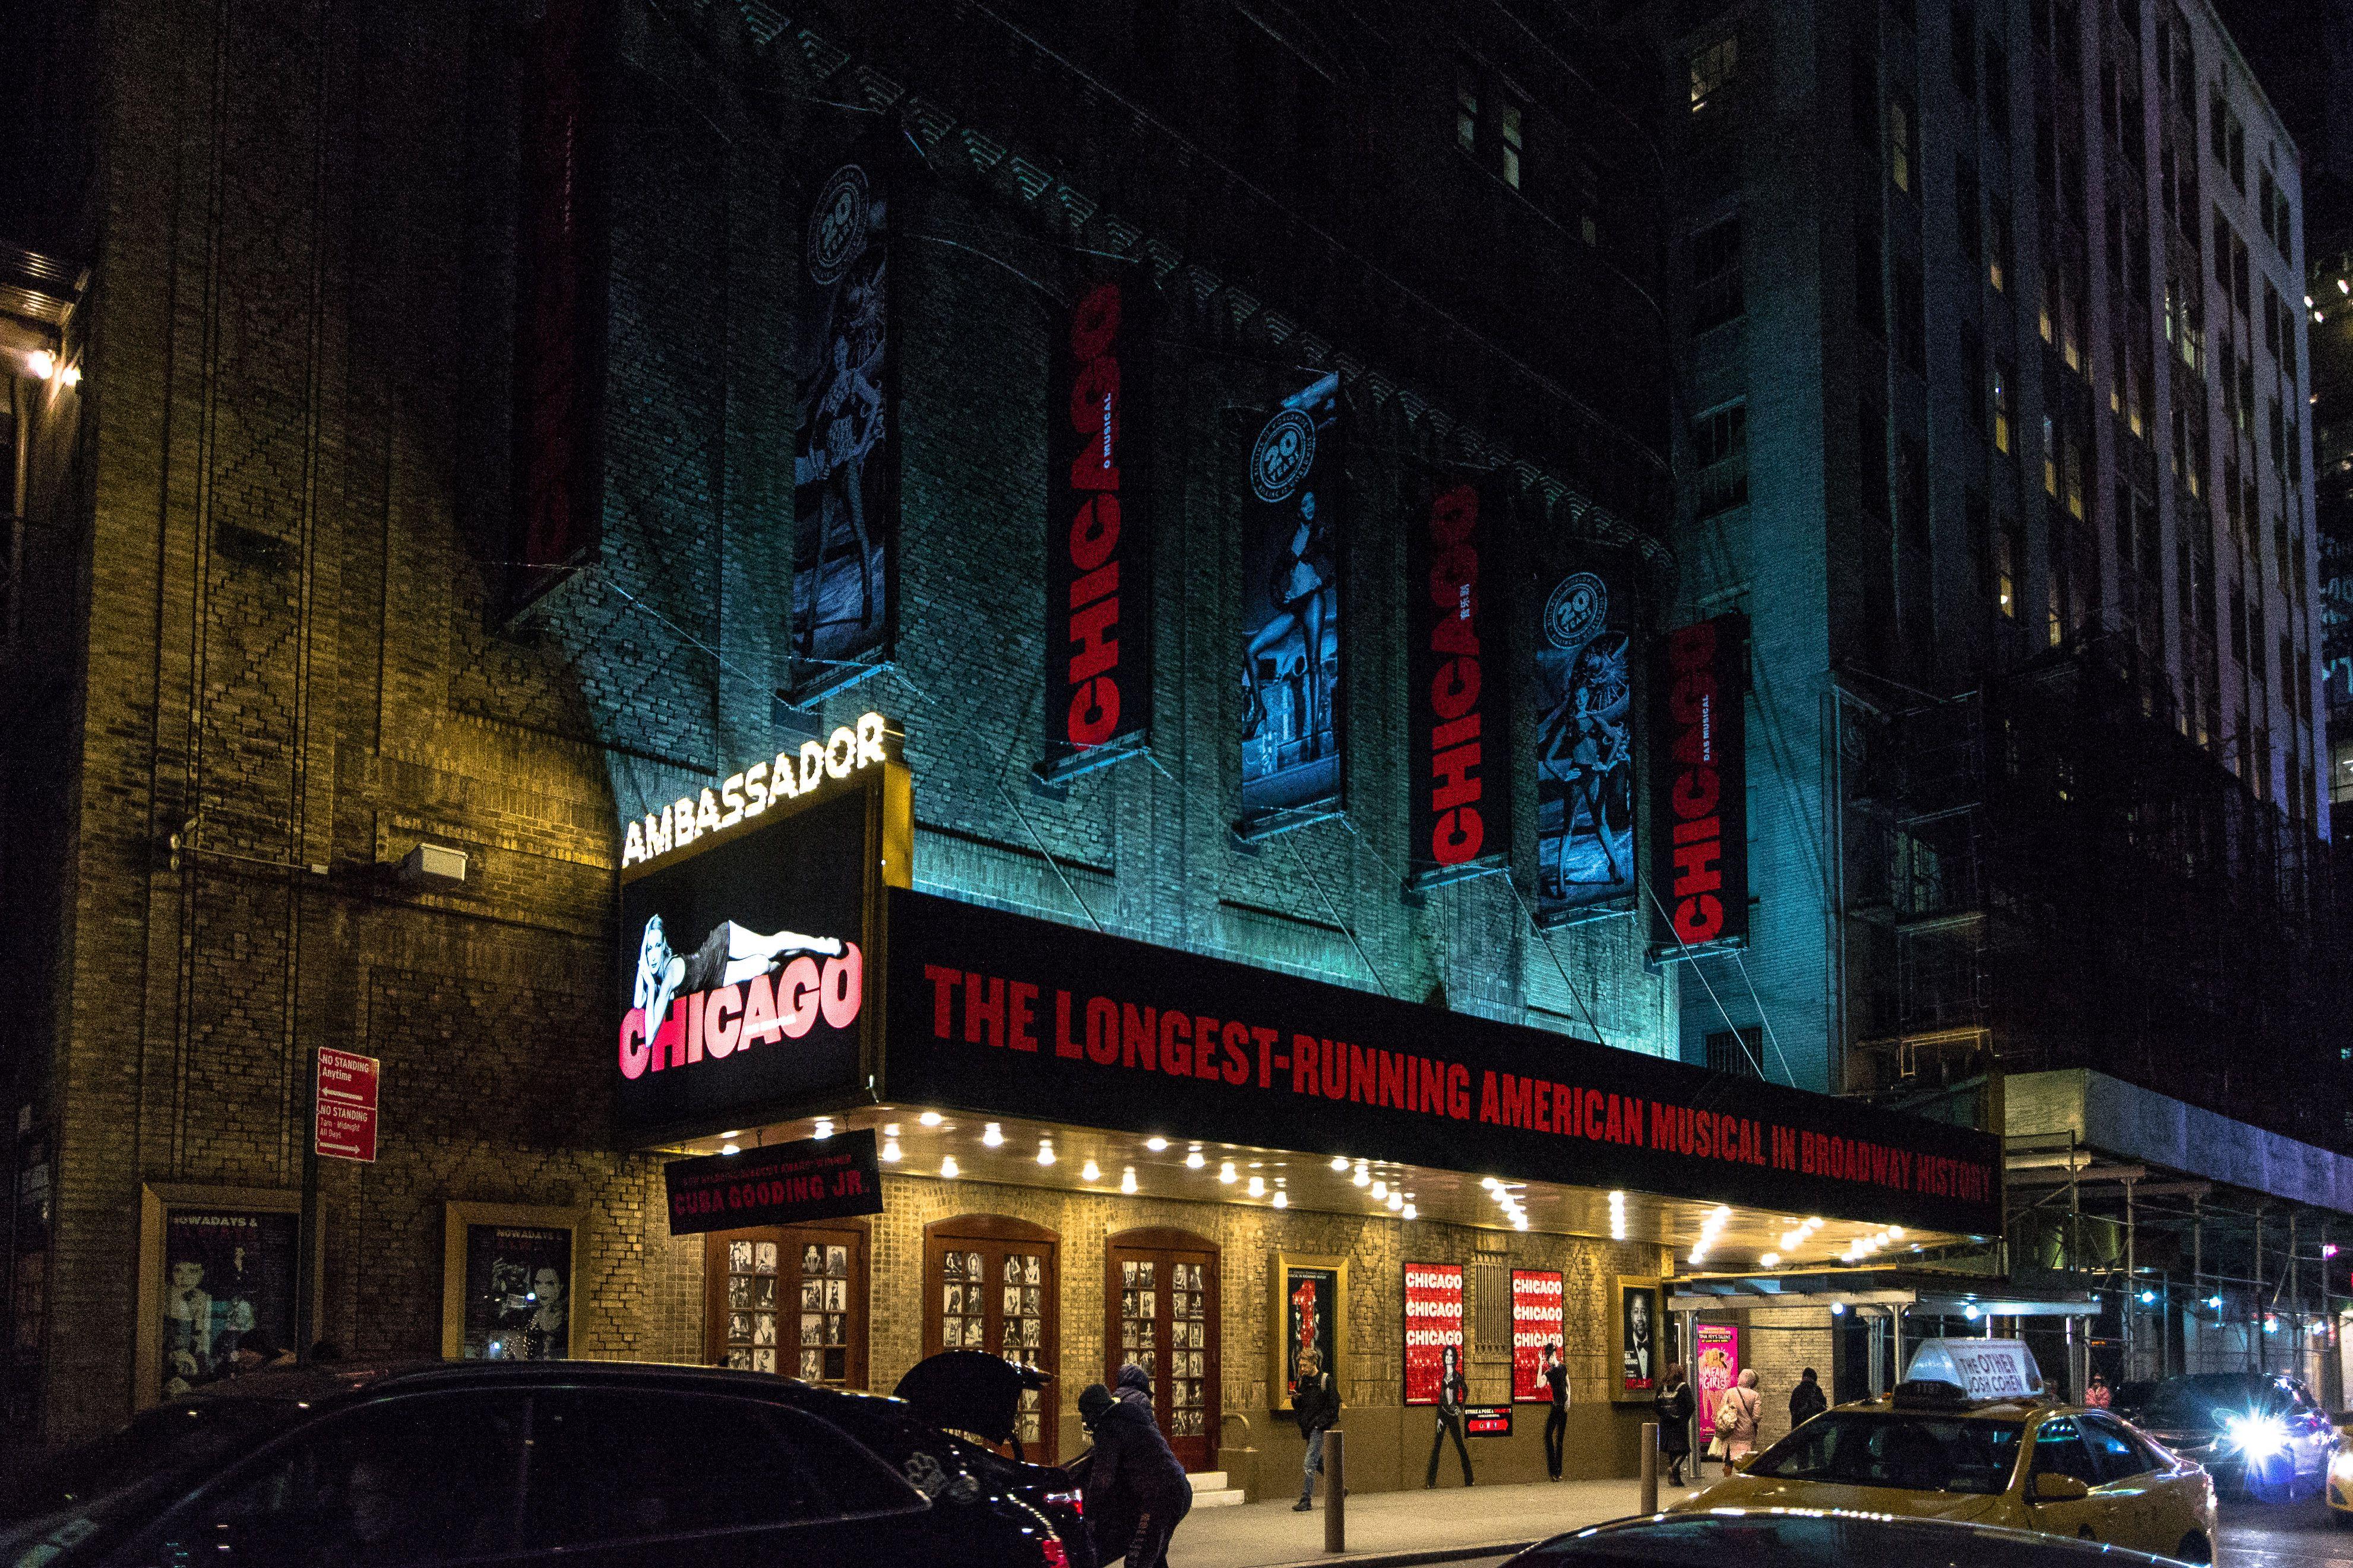 Luces de teatro donde juega Chicago